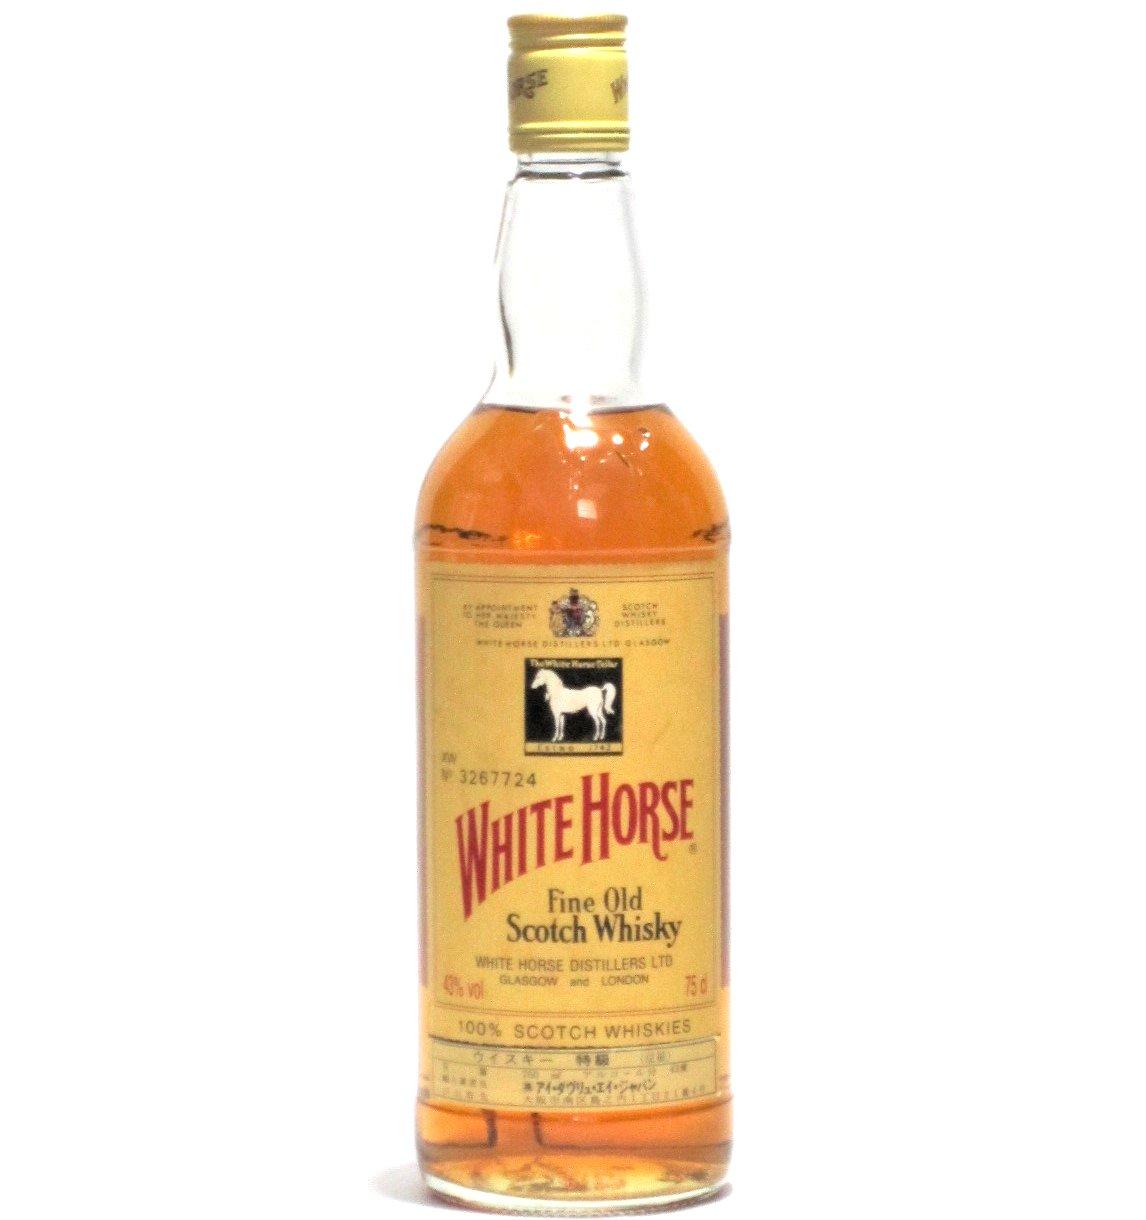 [古酒] ホワイトホース ファインオールド 特級表示 43度 750ml